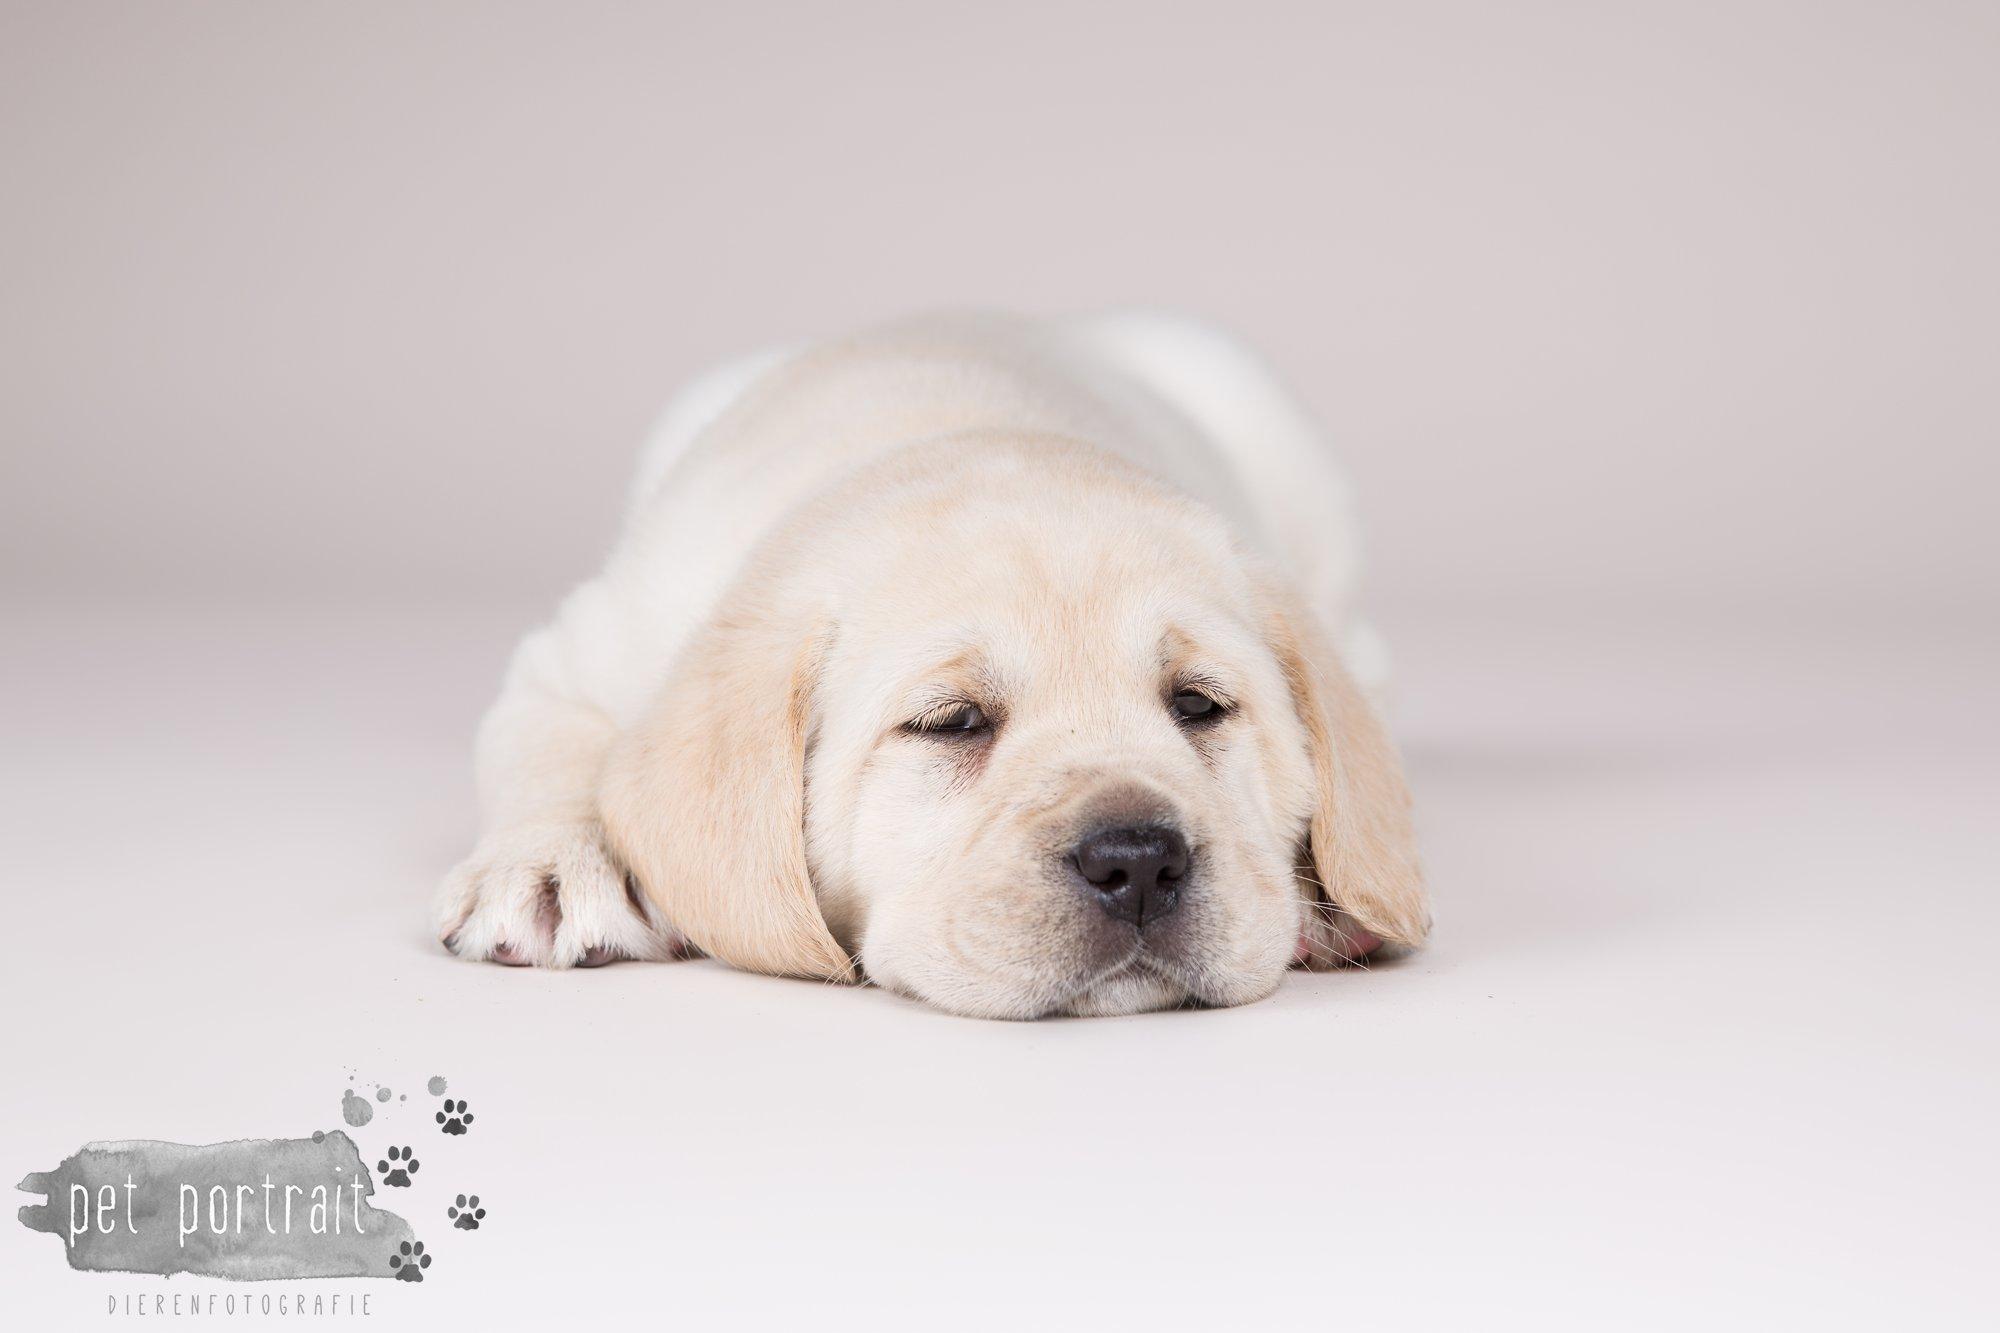 Hondenfotograaf Hillegom - Nestfotoshoot voor Labrador pups-4